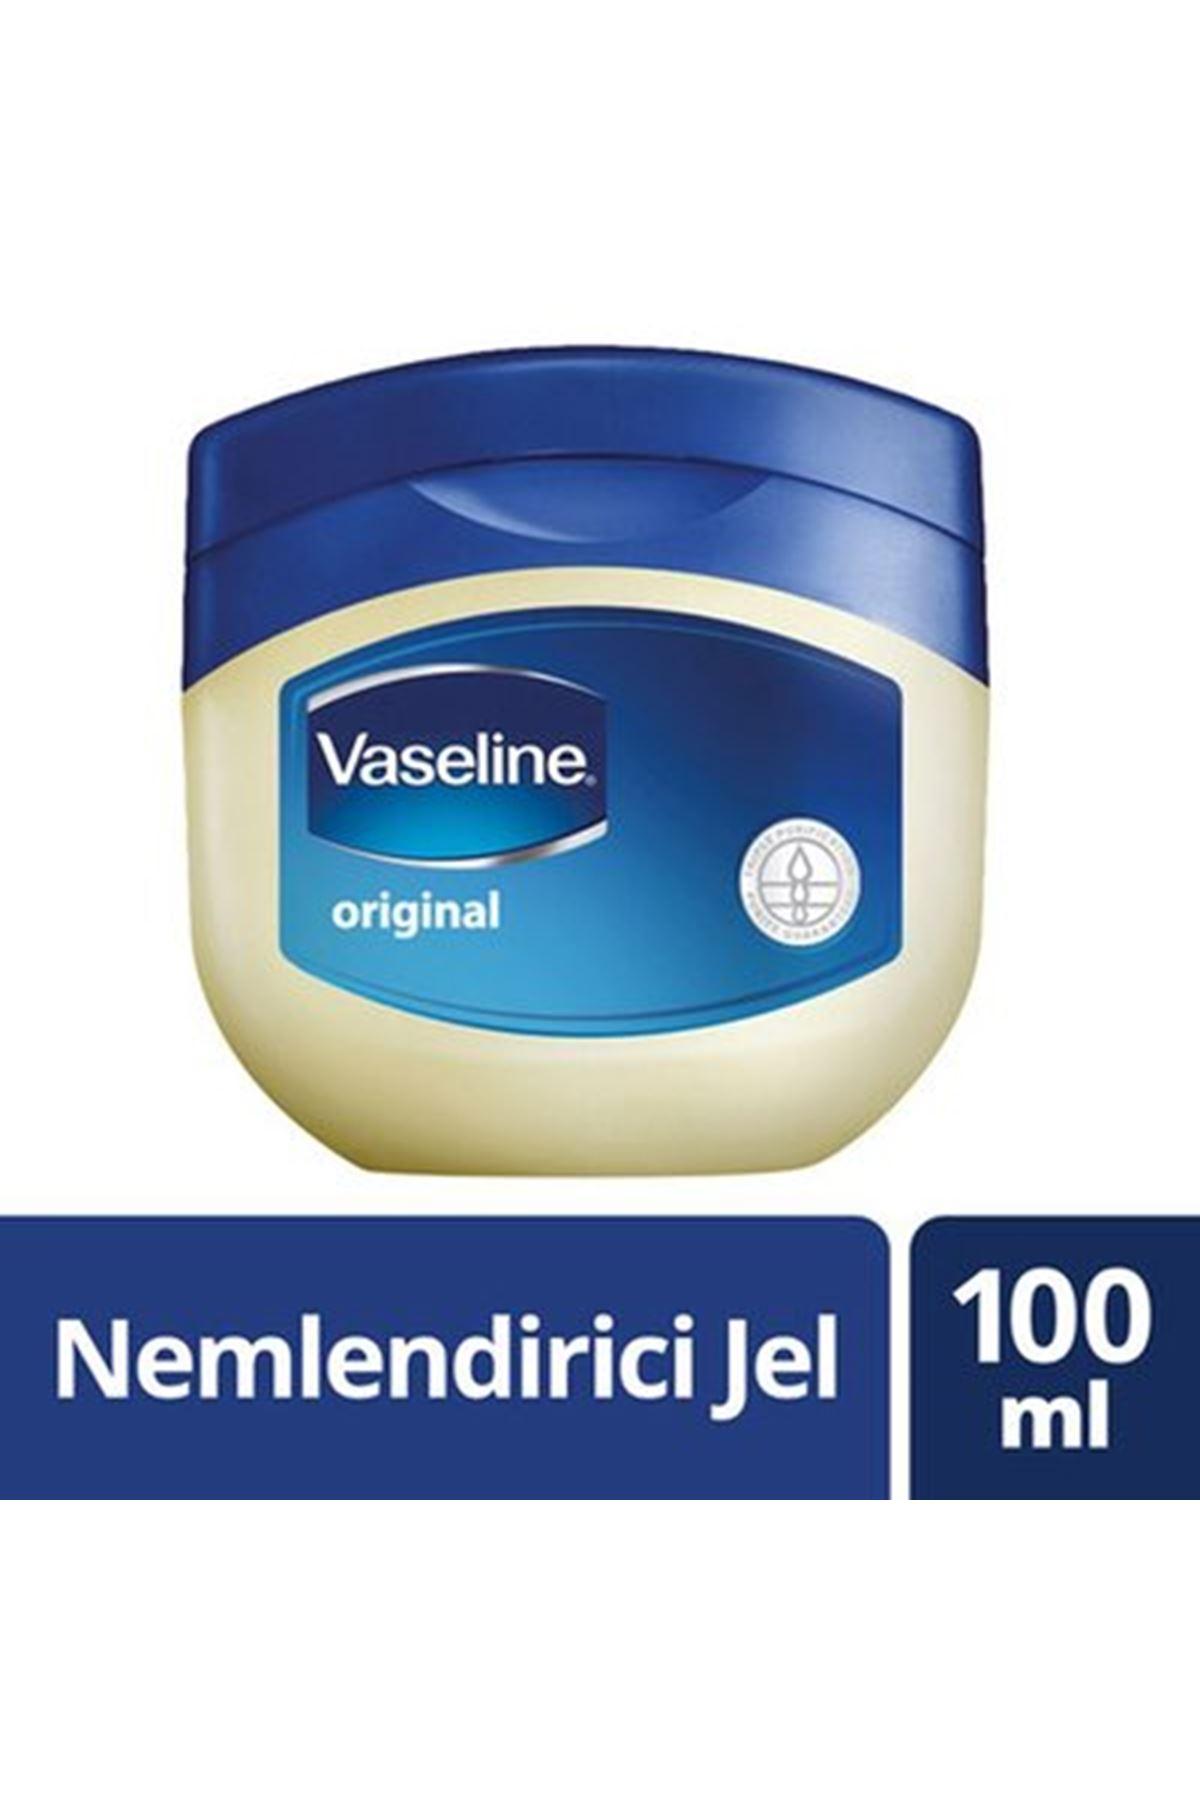 Vaseline Pj Orıgınal 100Ml